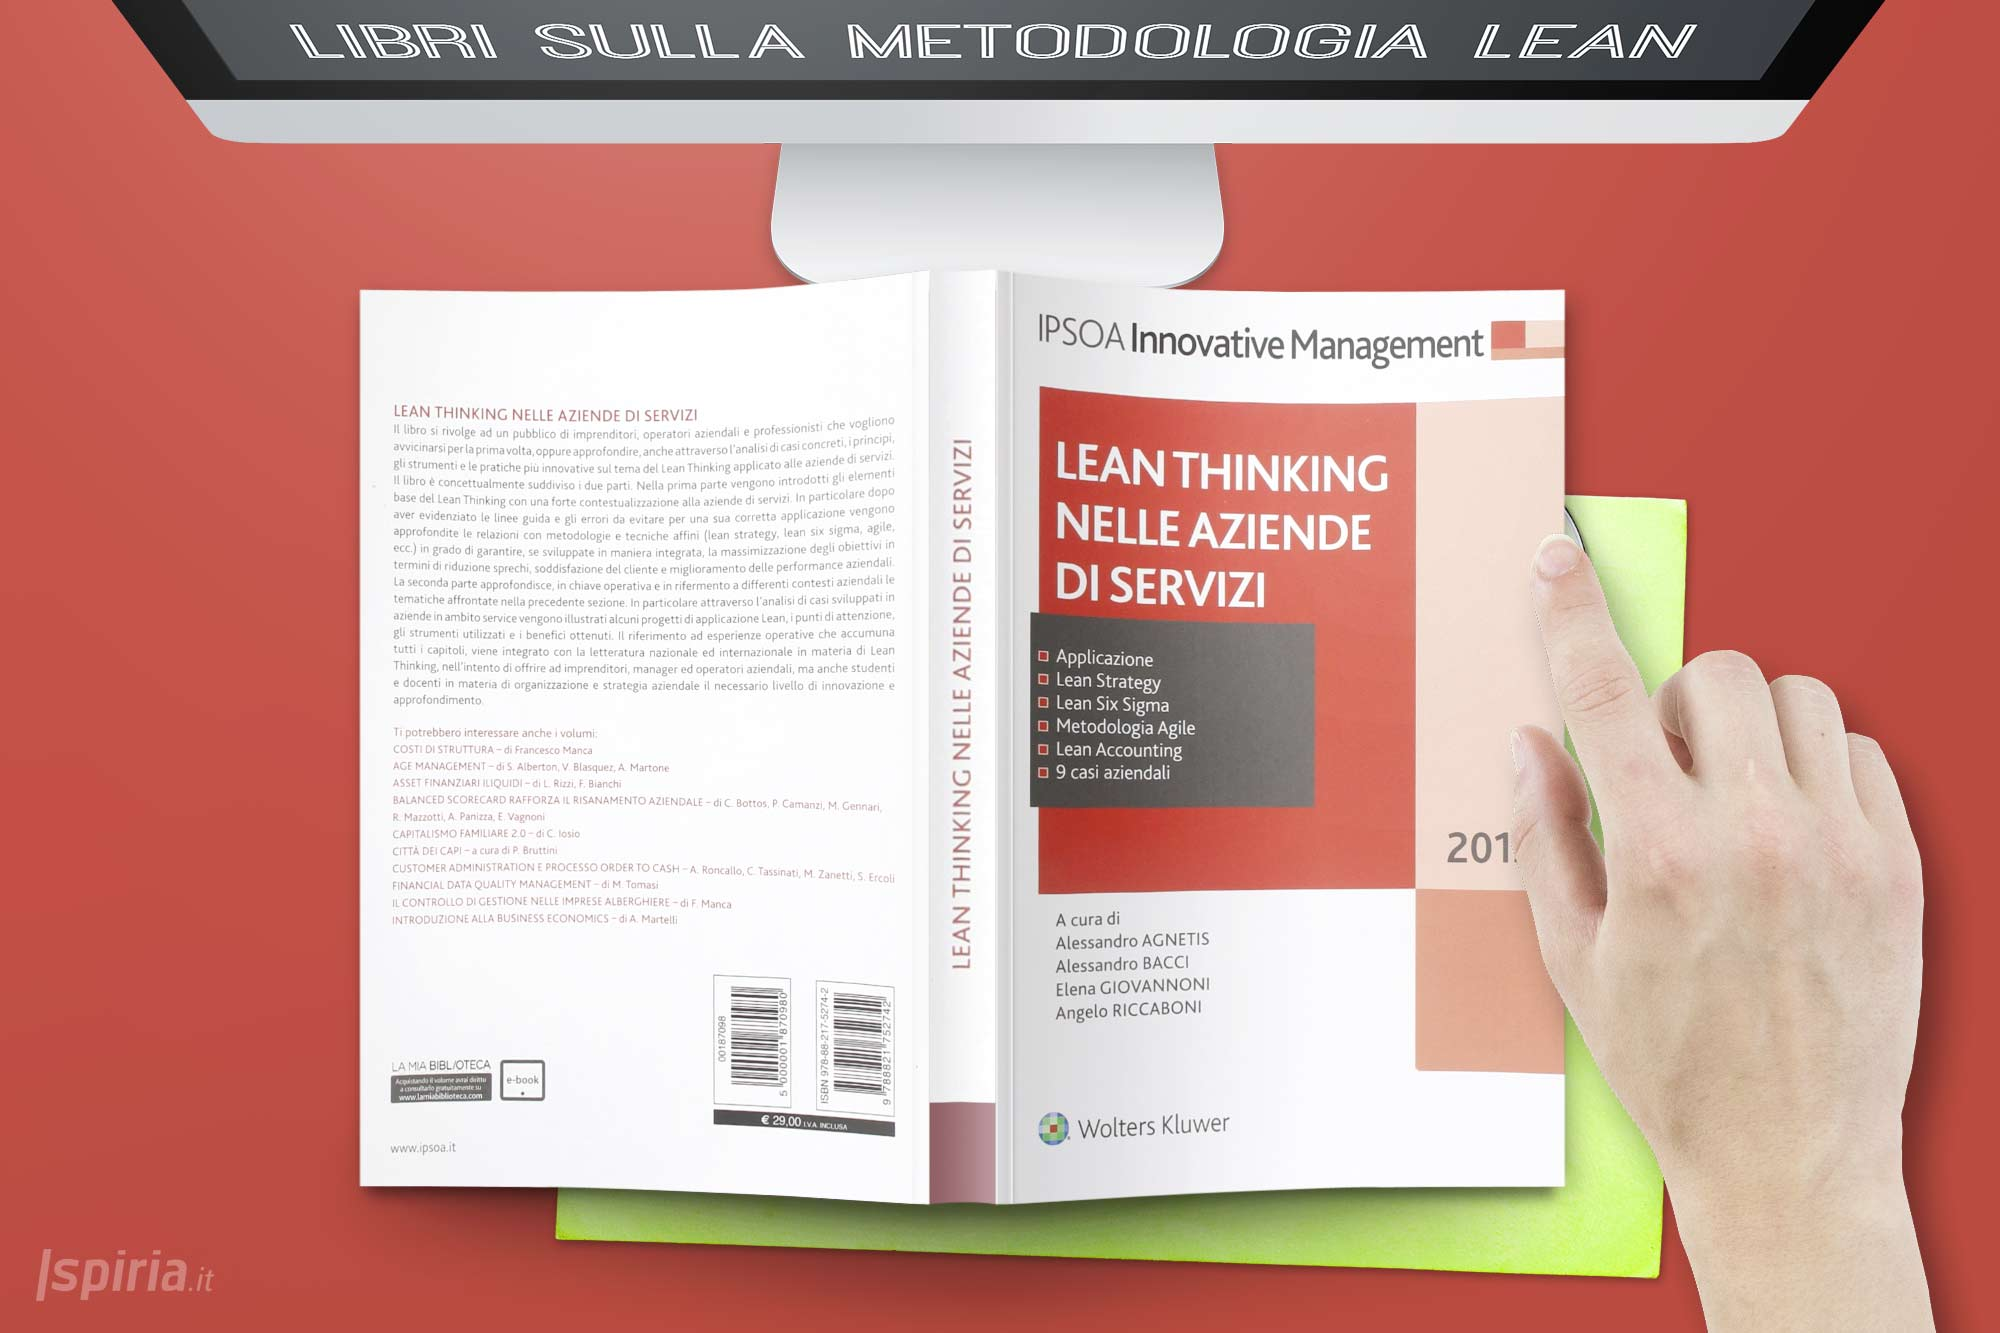 lean-thinking-aziende-di-servizi